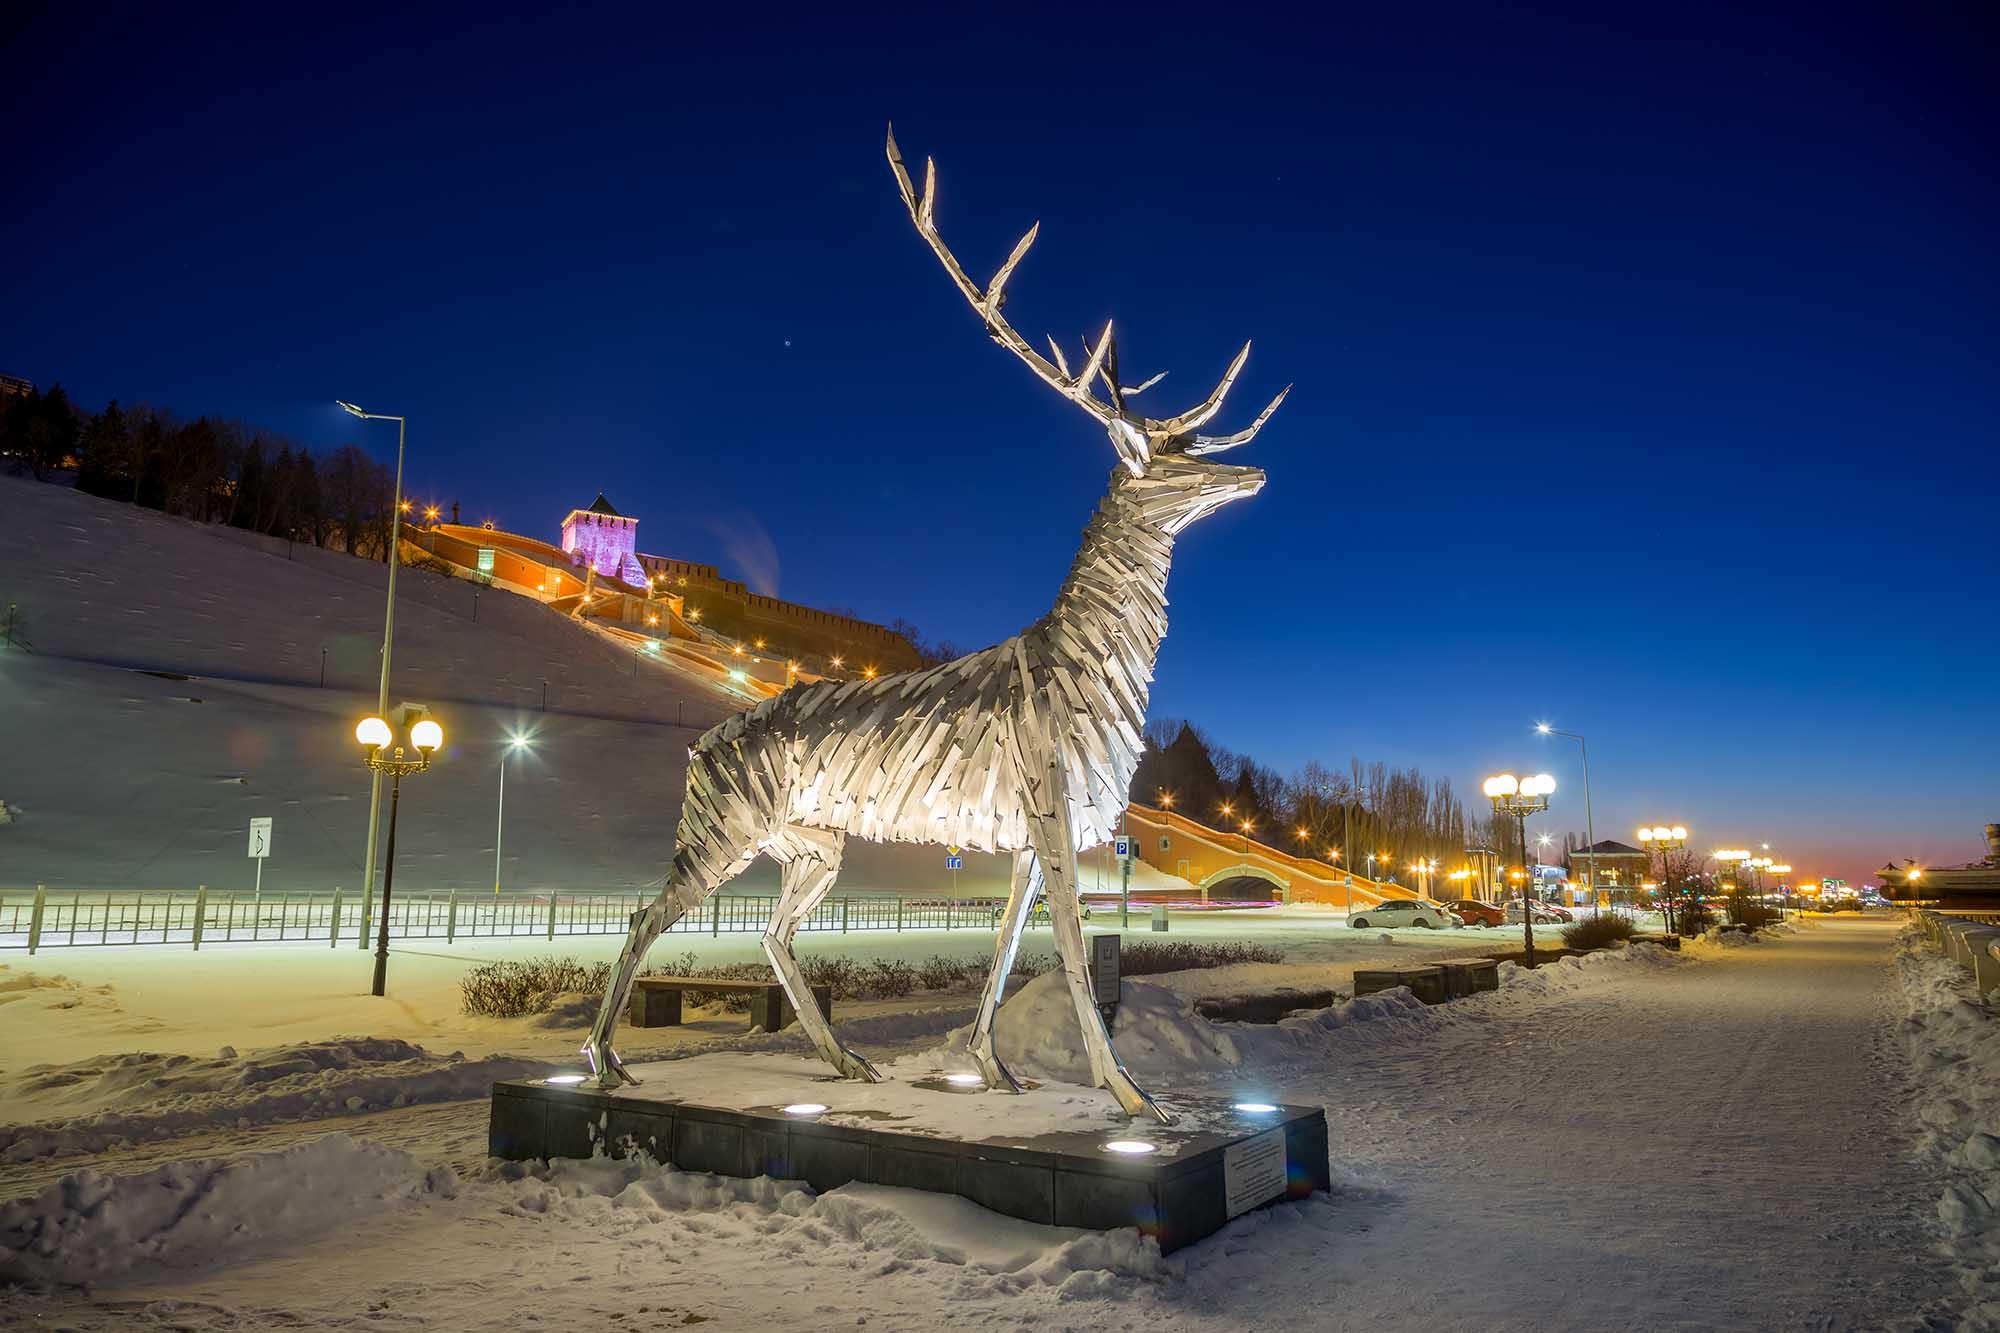 Туристический портал Russia Travel опубликовал правила посещения Нижегородской области в новогодние каникулы